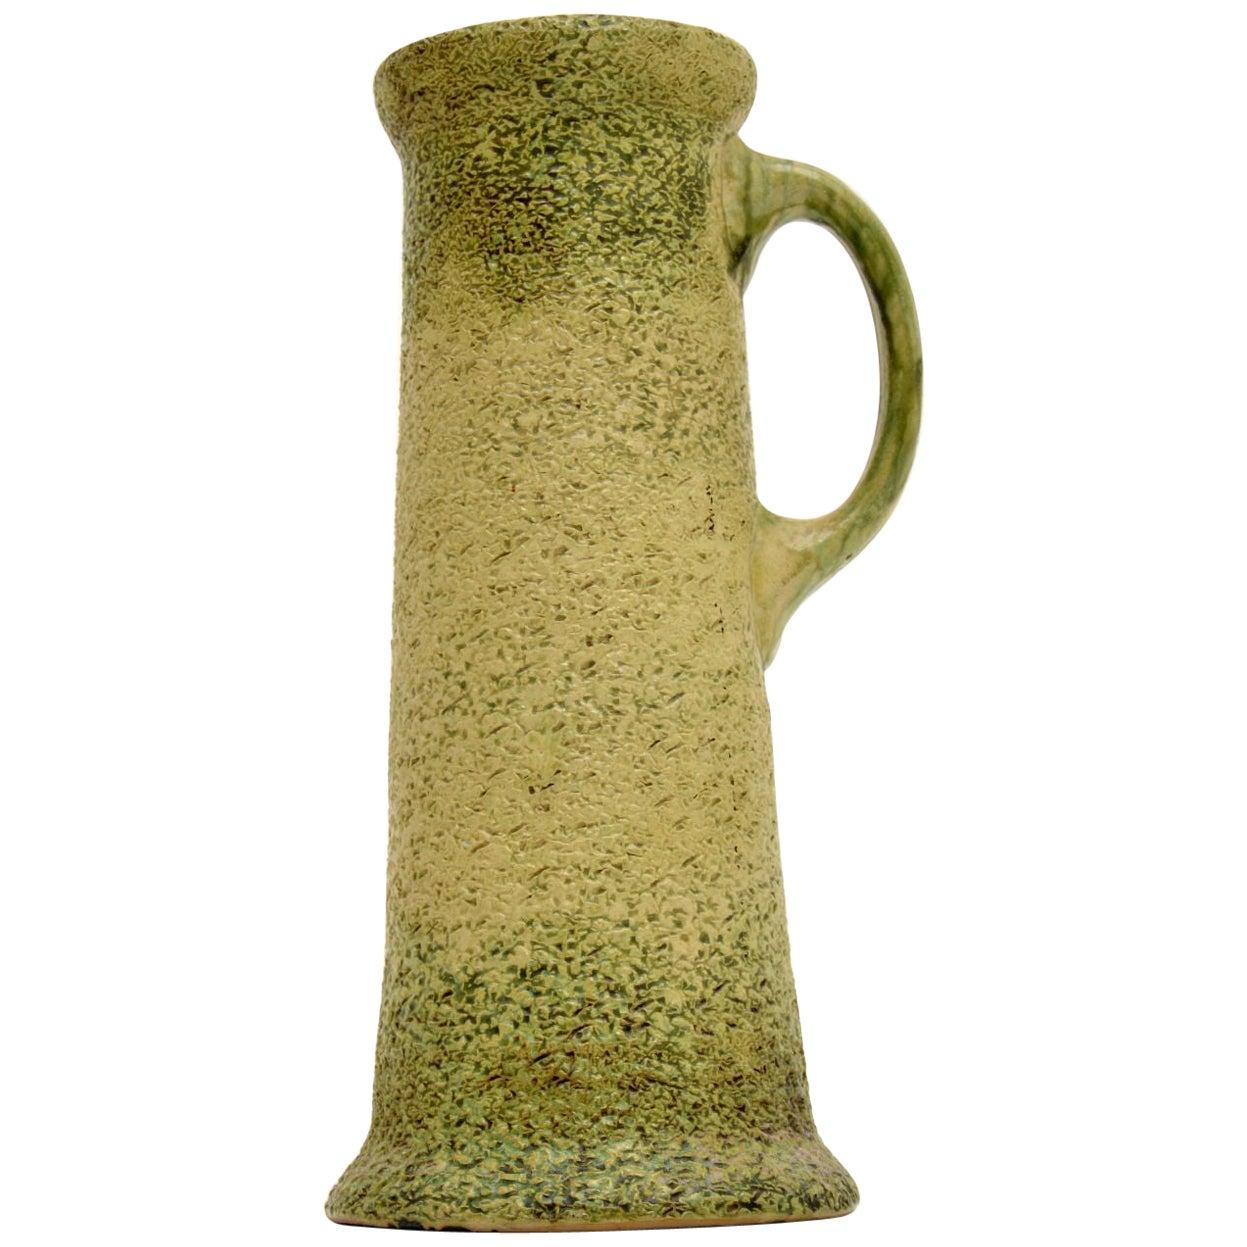 Large Vintage Glazed Ceramic Pitcher / Vase